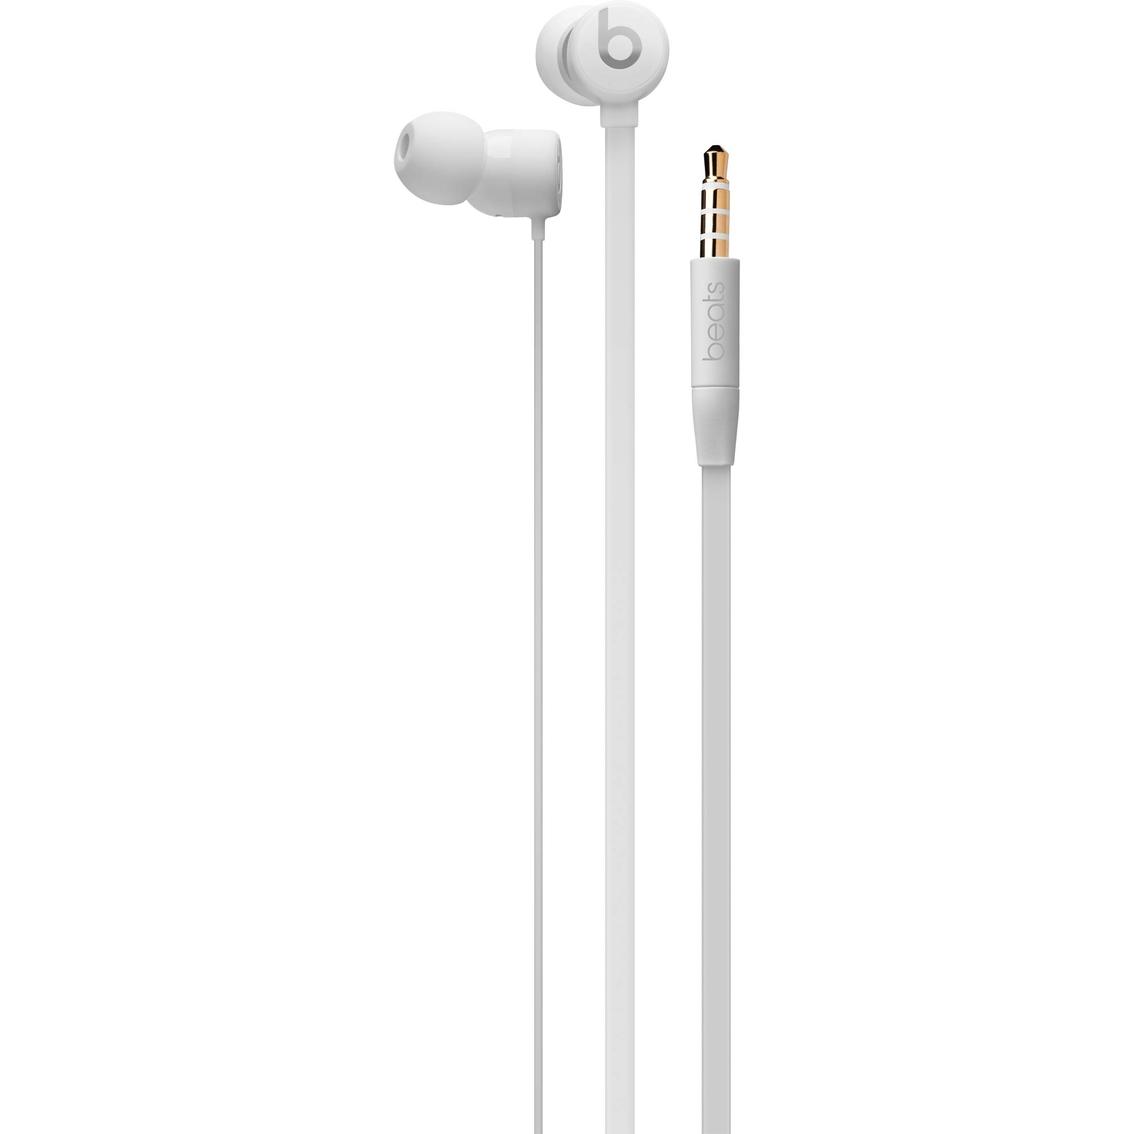 Apple beats urBeats3 Earphones